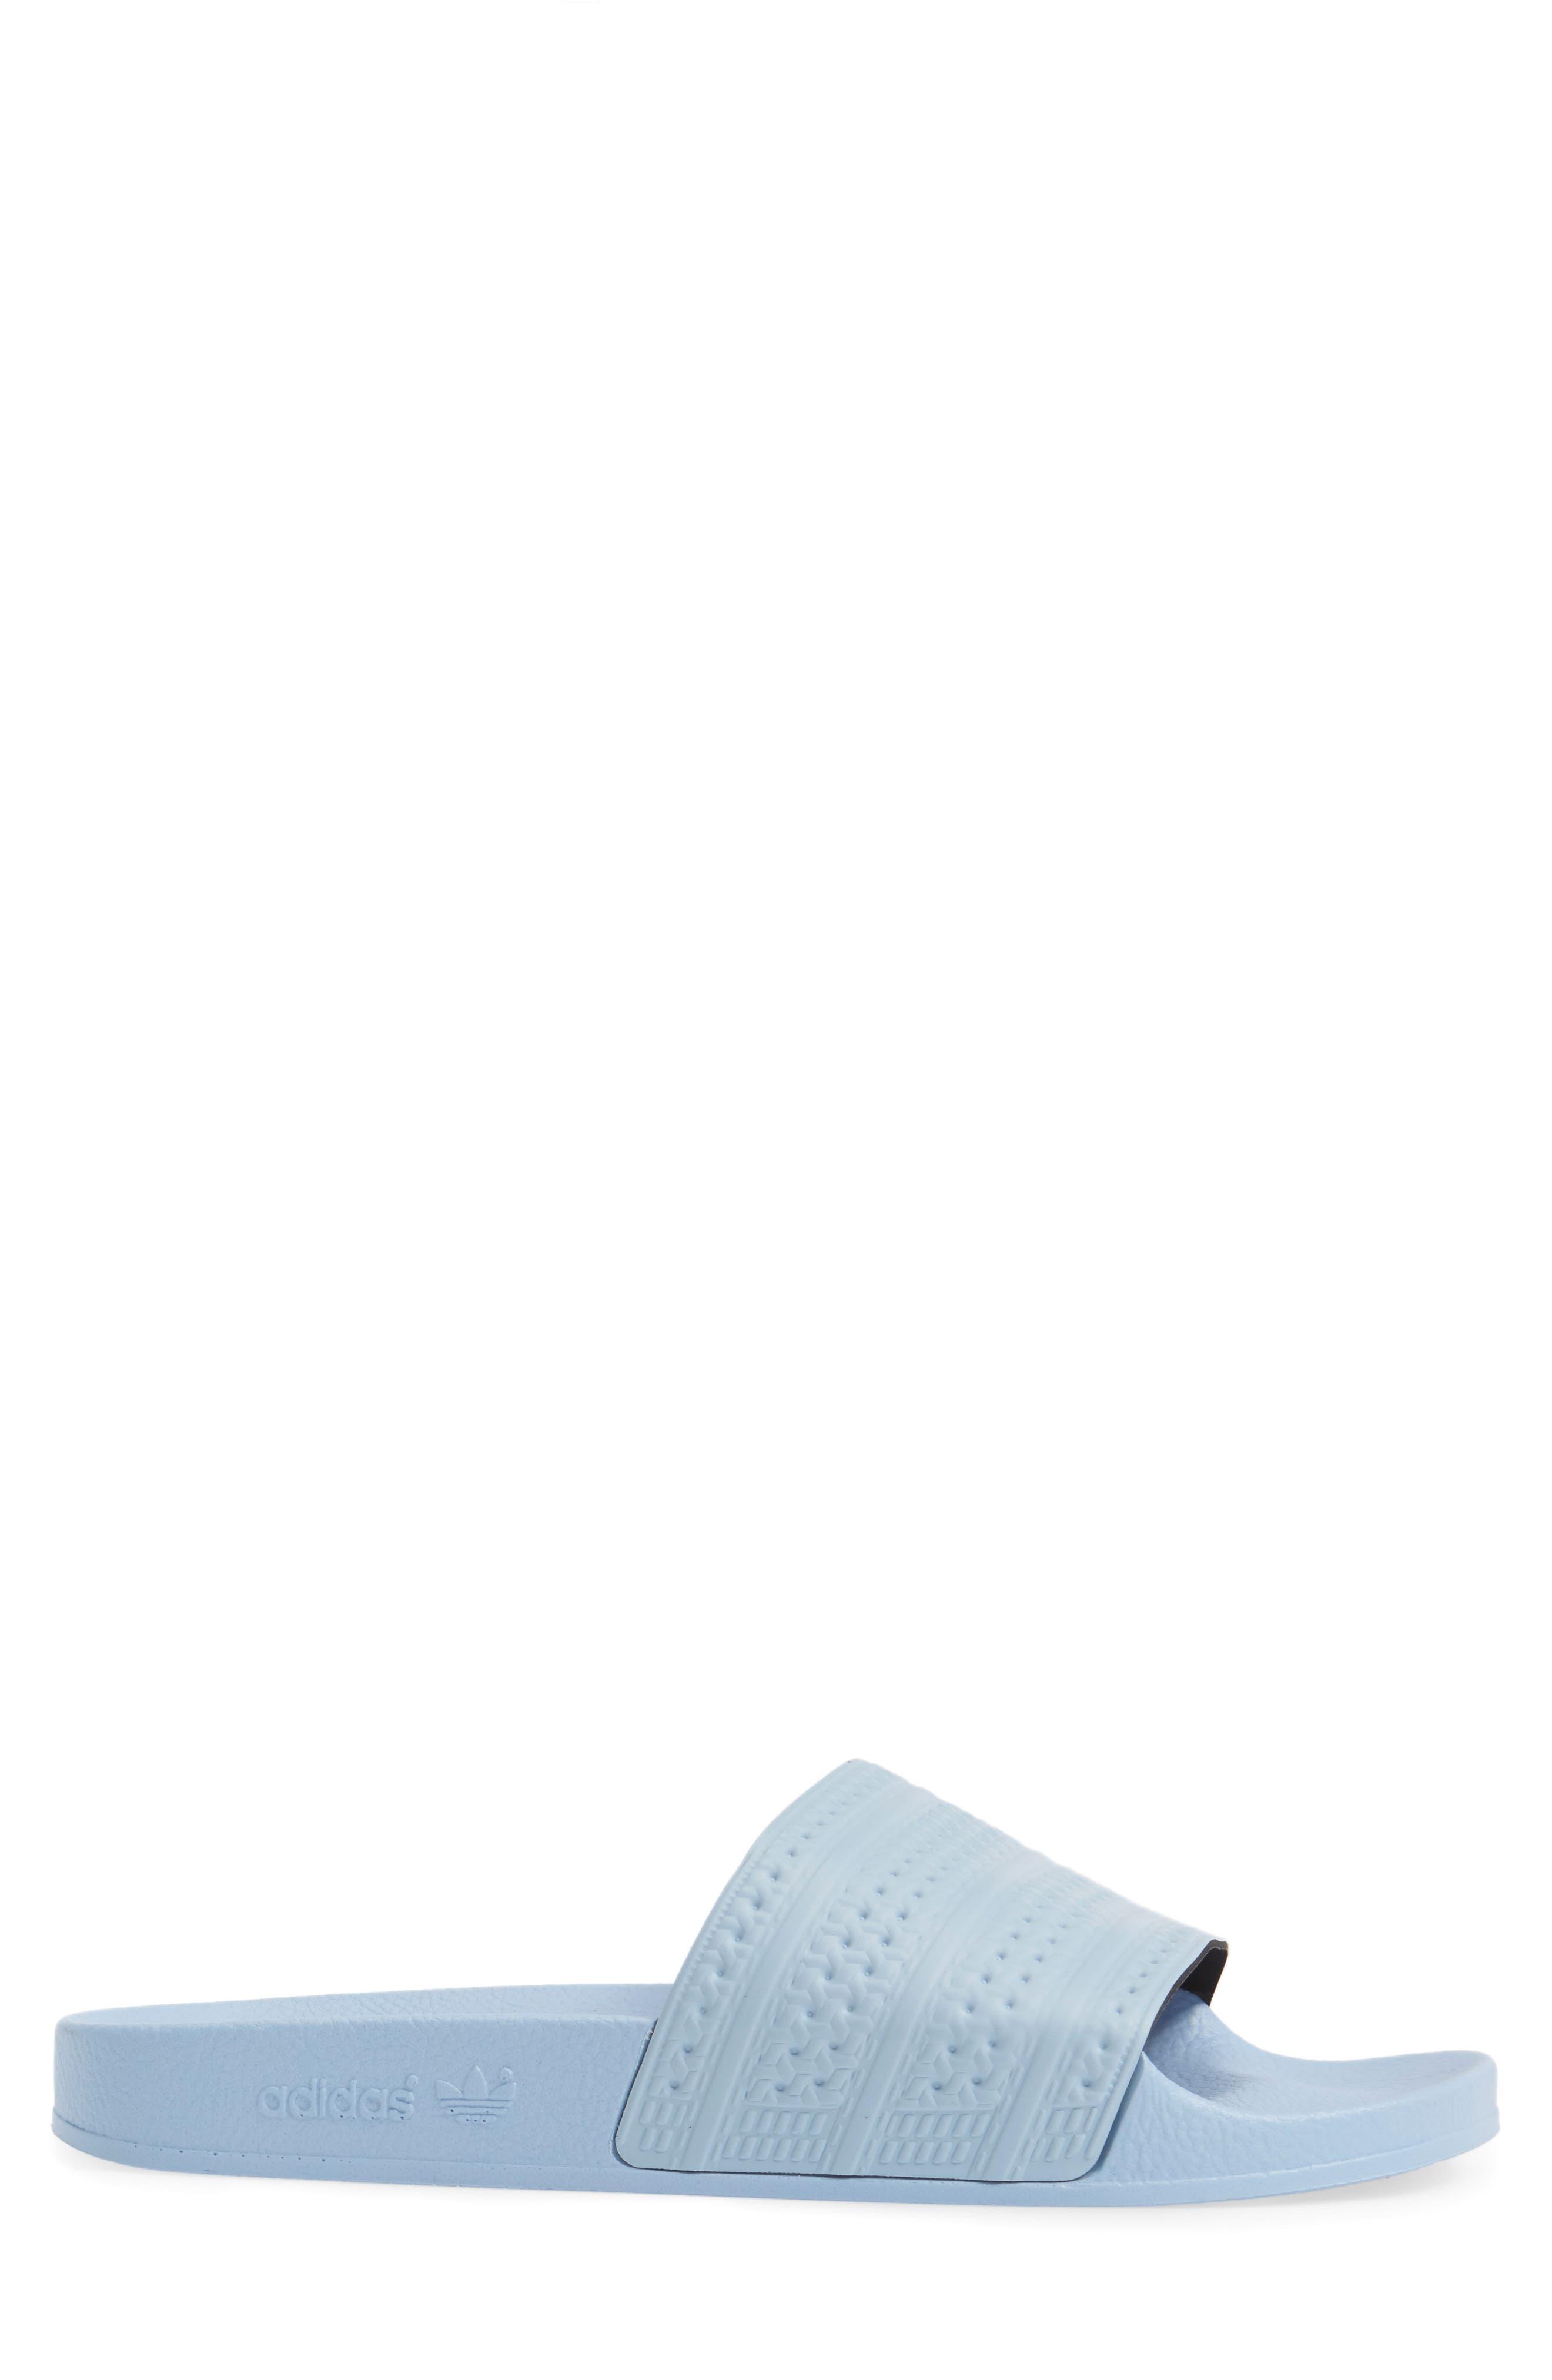 Alternate Image 3  - adidas Adilette Slide Sandal (Men)